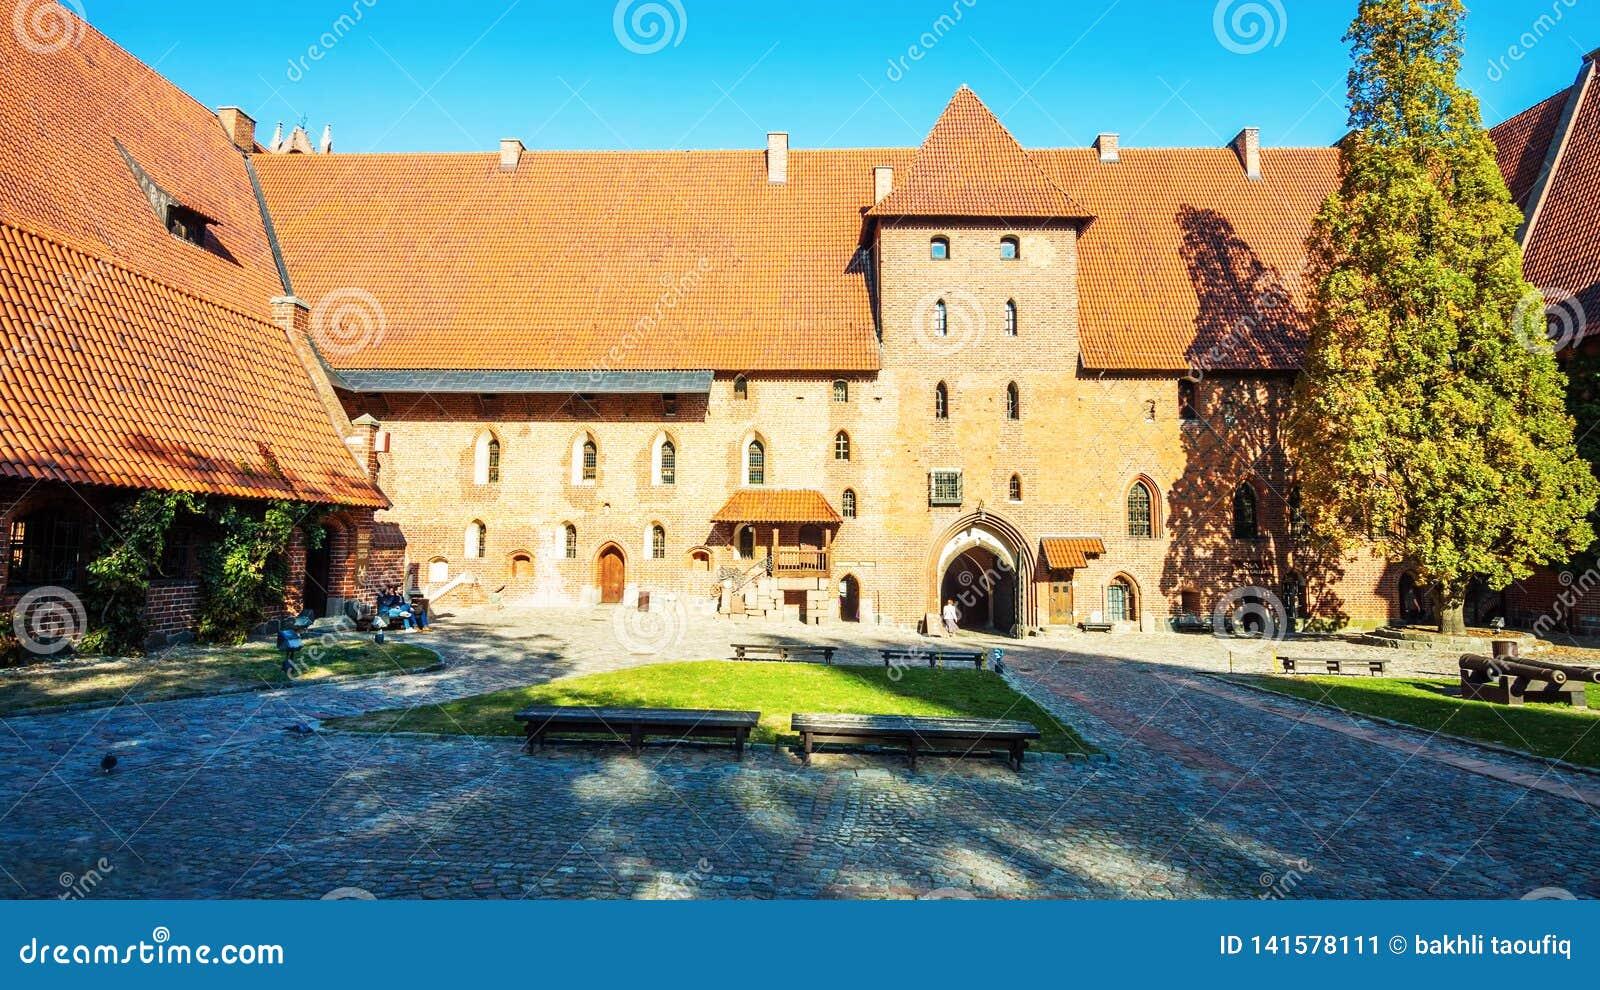 Ιστορικό κέντρο της Κρακοβίας - της Πολωνίας ` s, μια πόλη με την αρχαία αρχιτεκτονική